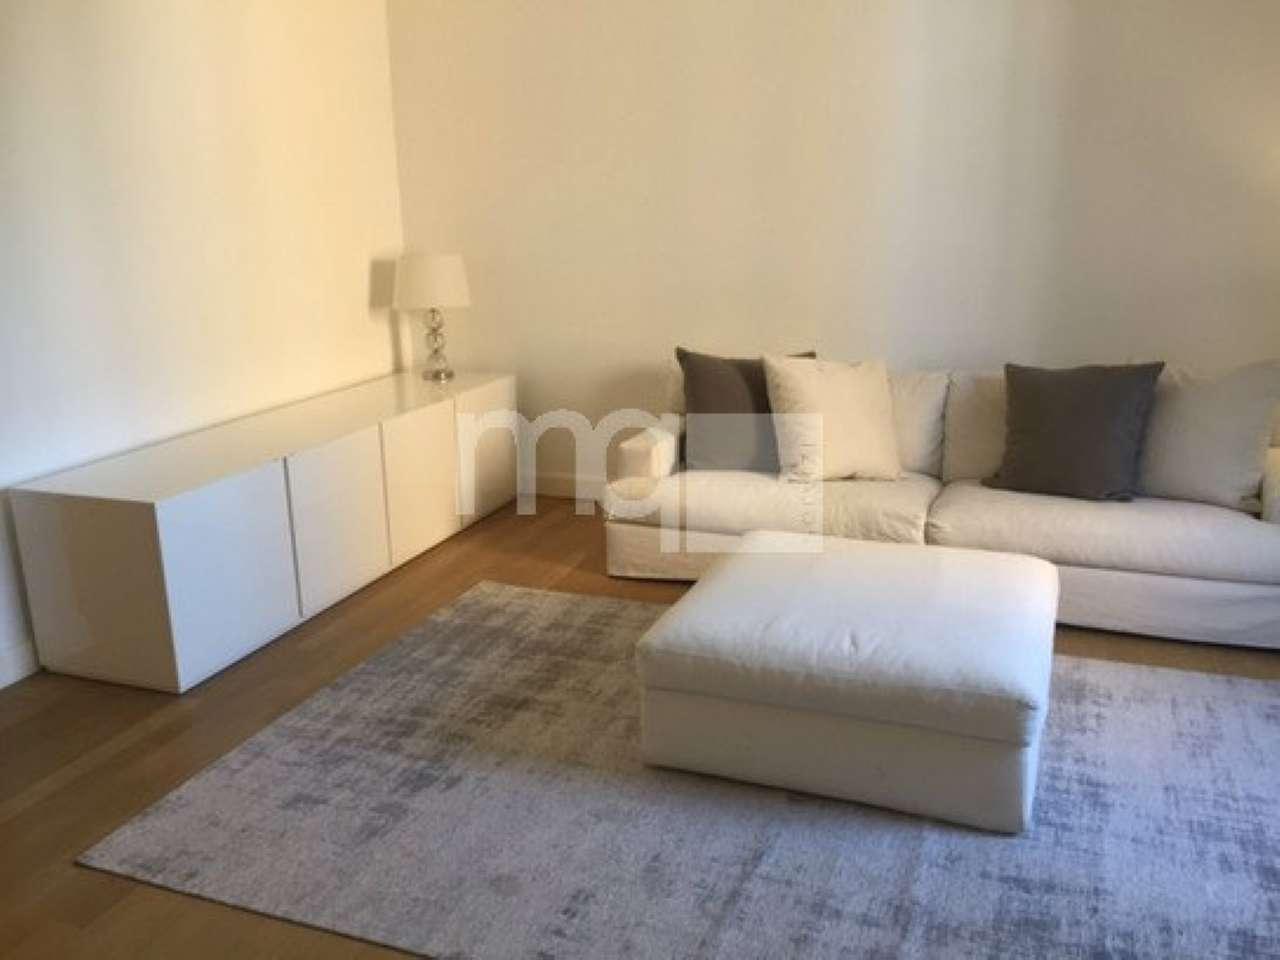 Appartamento in affitto a Milano, 3 locali, zona Zona: 4 . Buenos Aires, Indipendenza, P.ta Venezia, Regina Giovanna, Dateo, prezzo € 2.300 | Cambio Casa.it